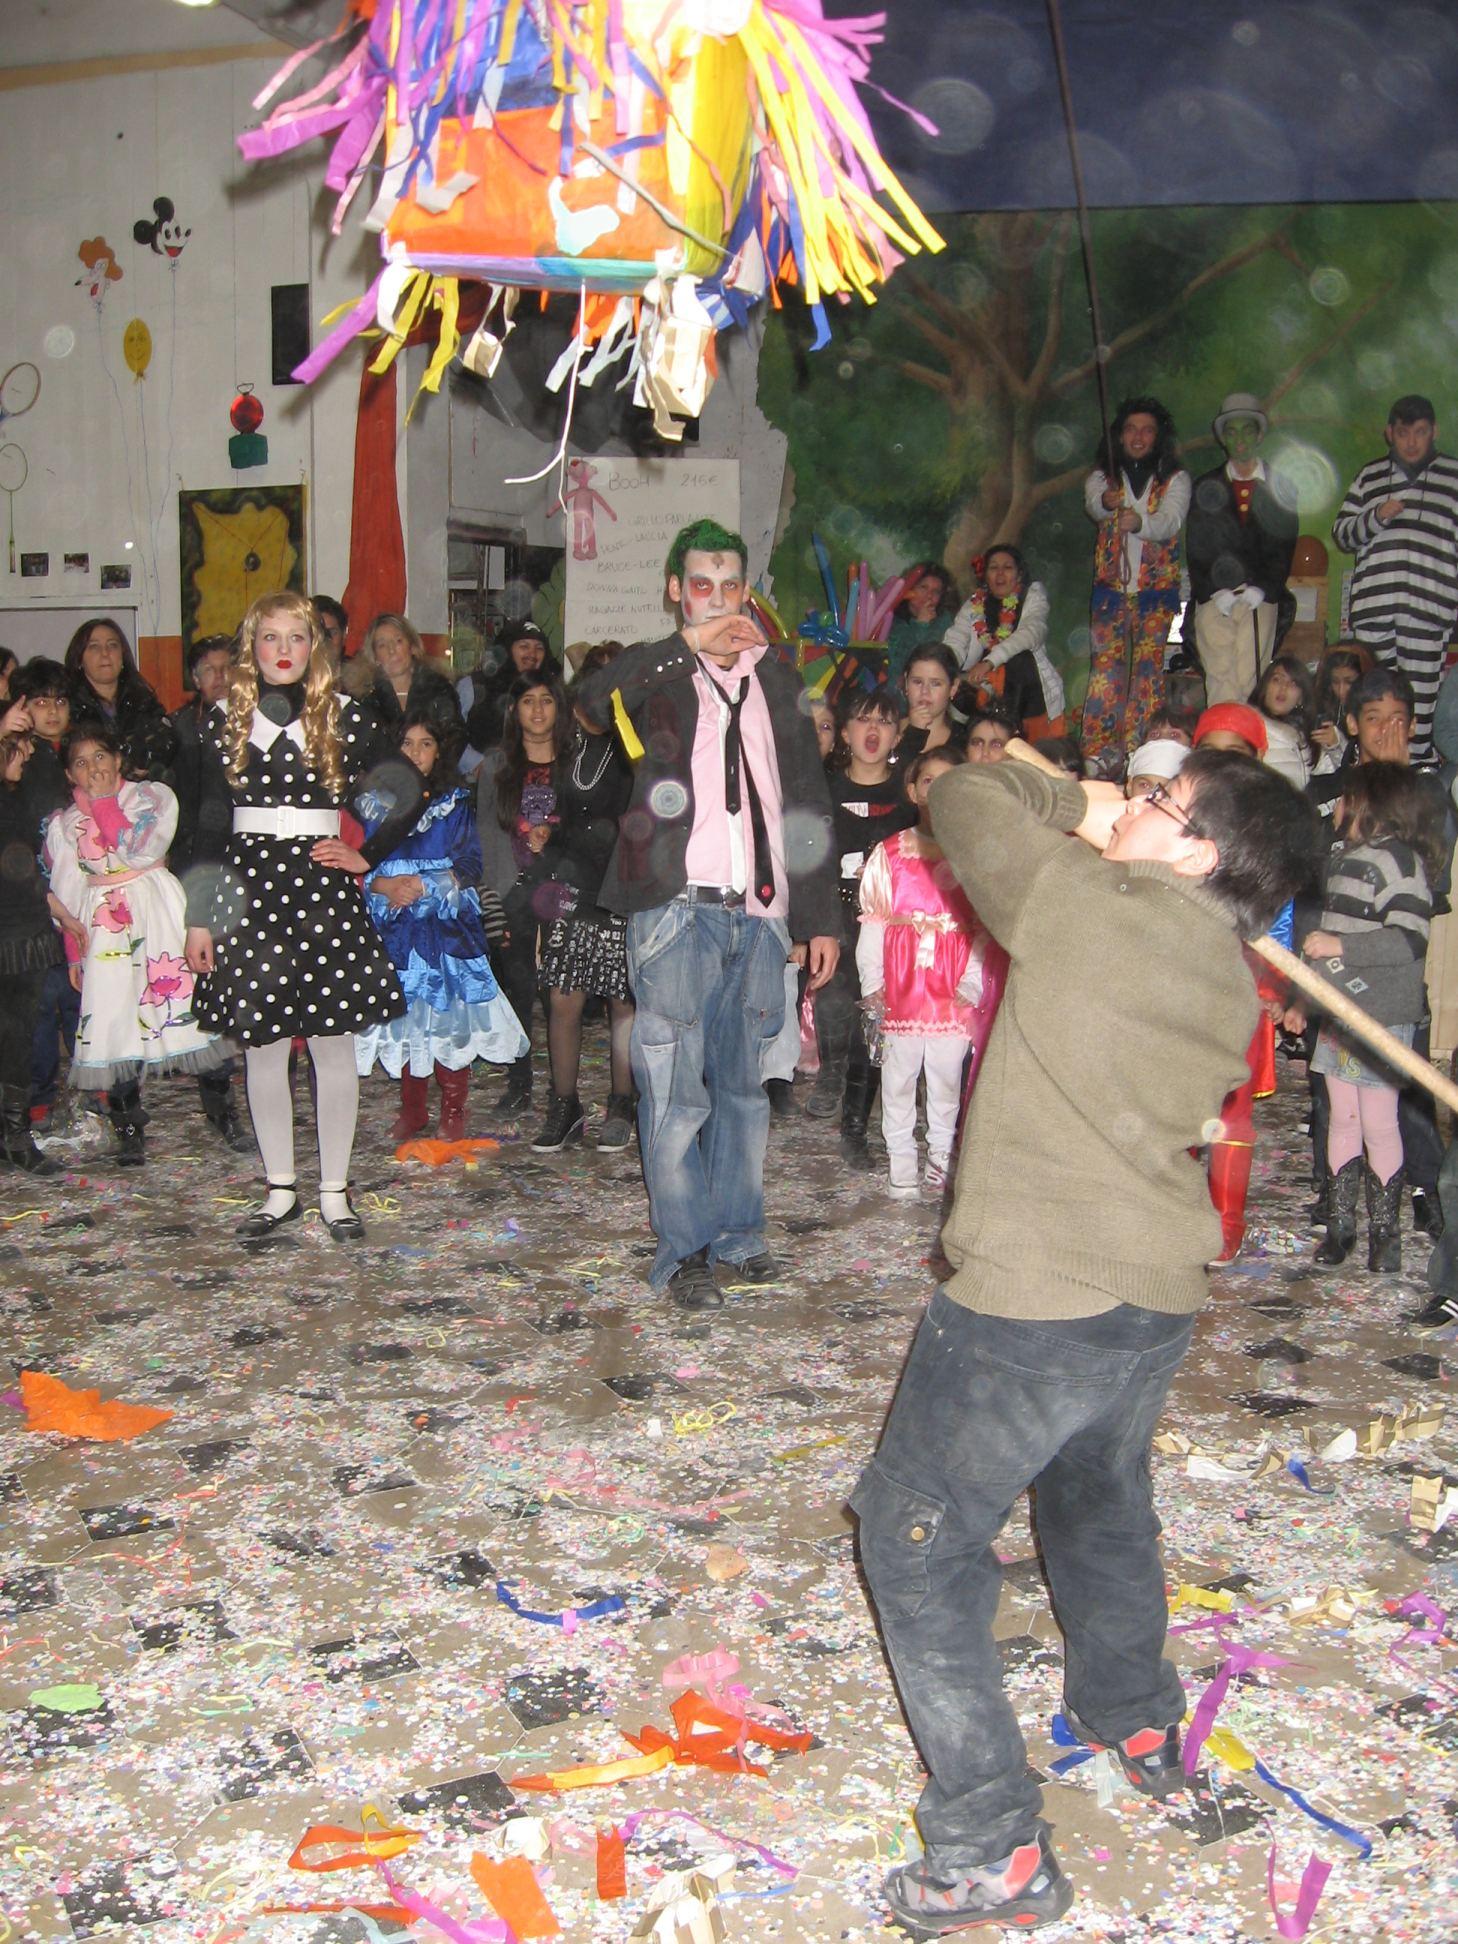 Pentolaccia-2010-02-14--17.50.22